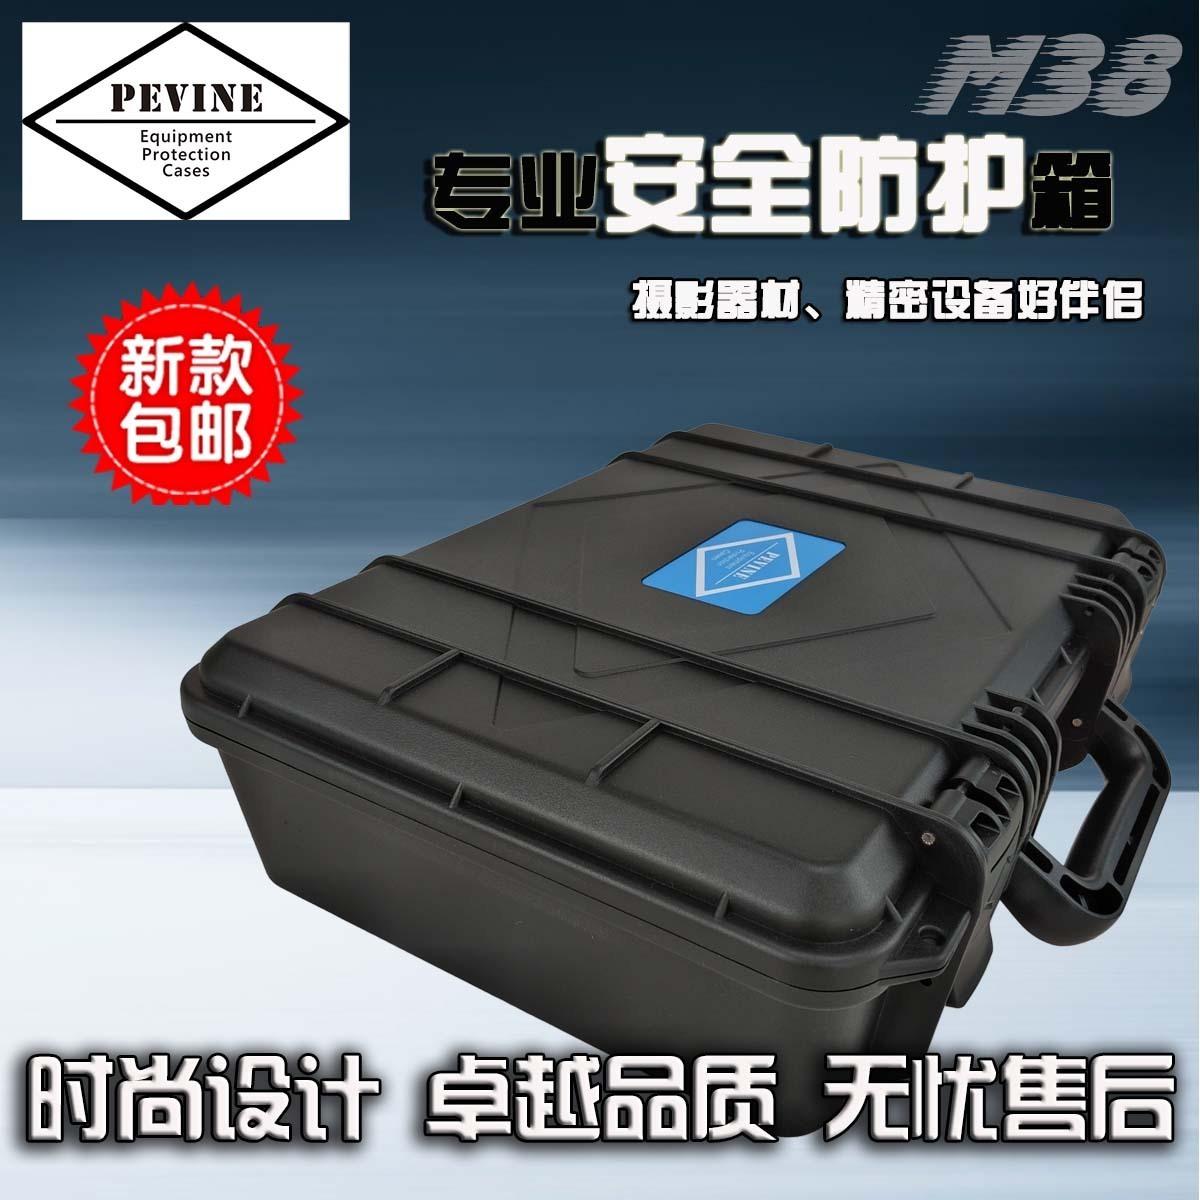 PEVINE新品便携式车载家用塑料五金工具箱防护箱仪器箱加厚抗摔